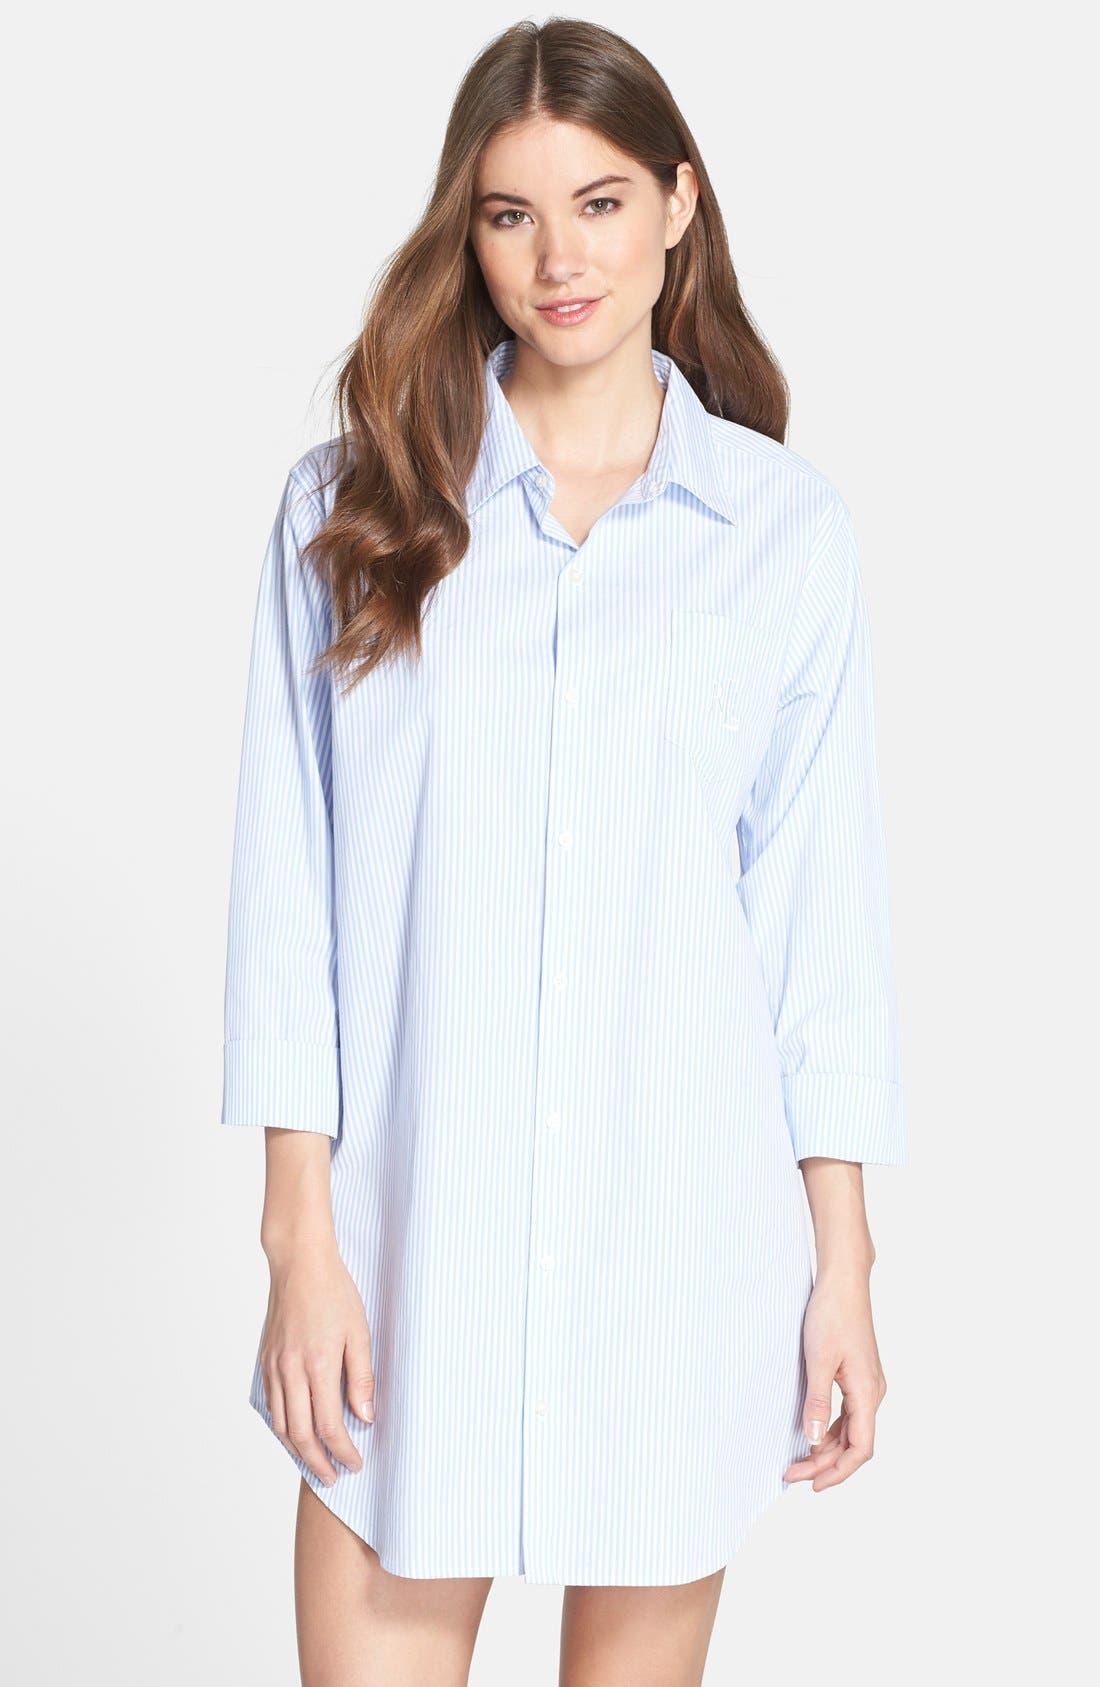 Alternate Image 1 Selected - Lauren Ralph Lauren Cotton Poplin Sleep Shirt